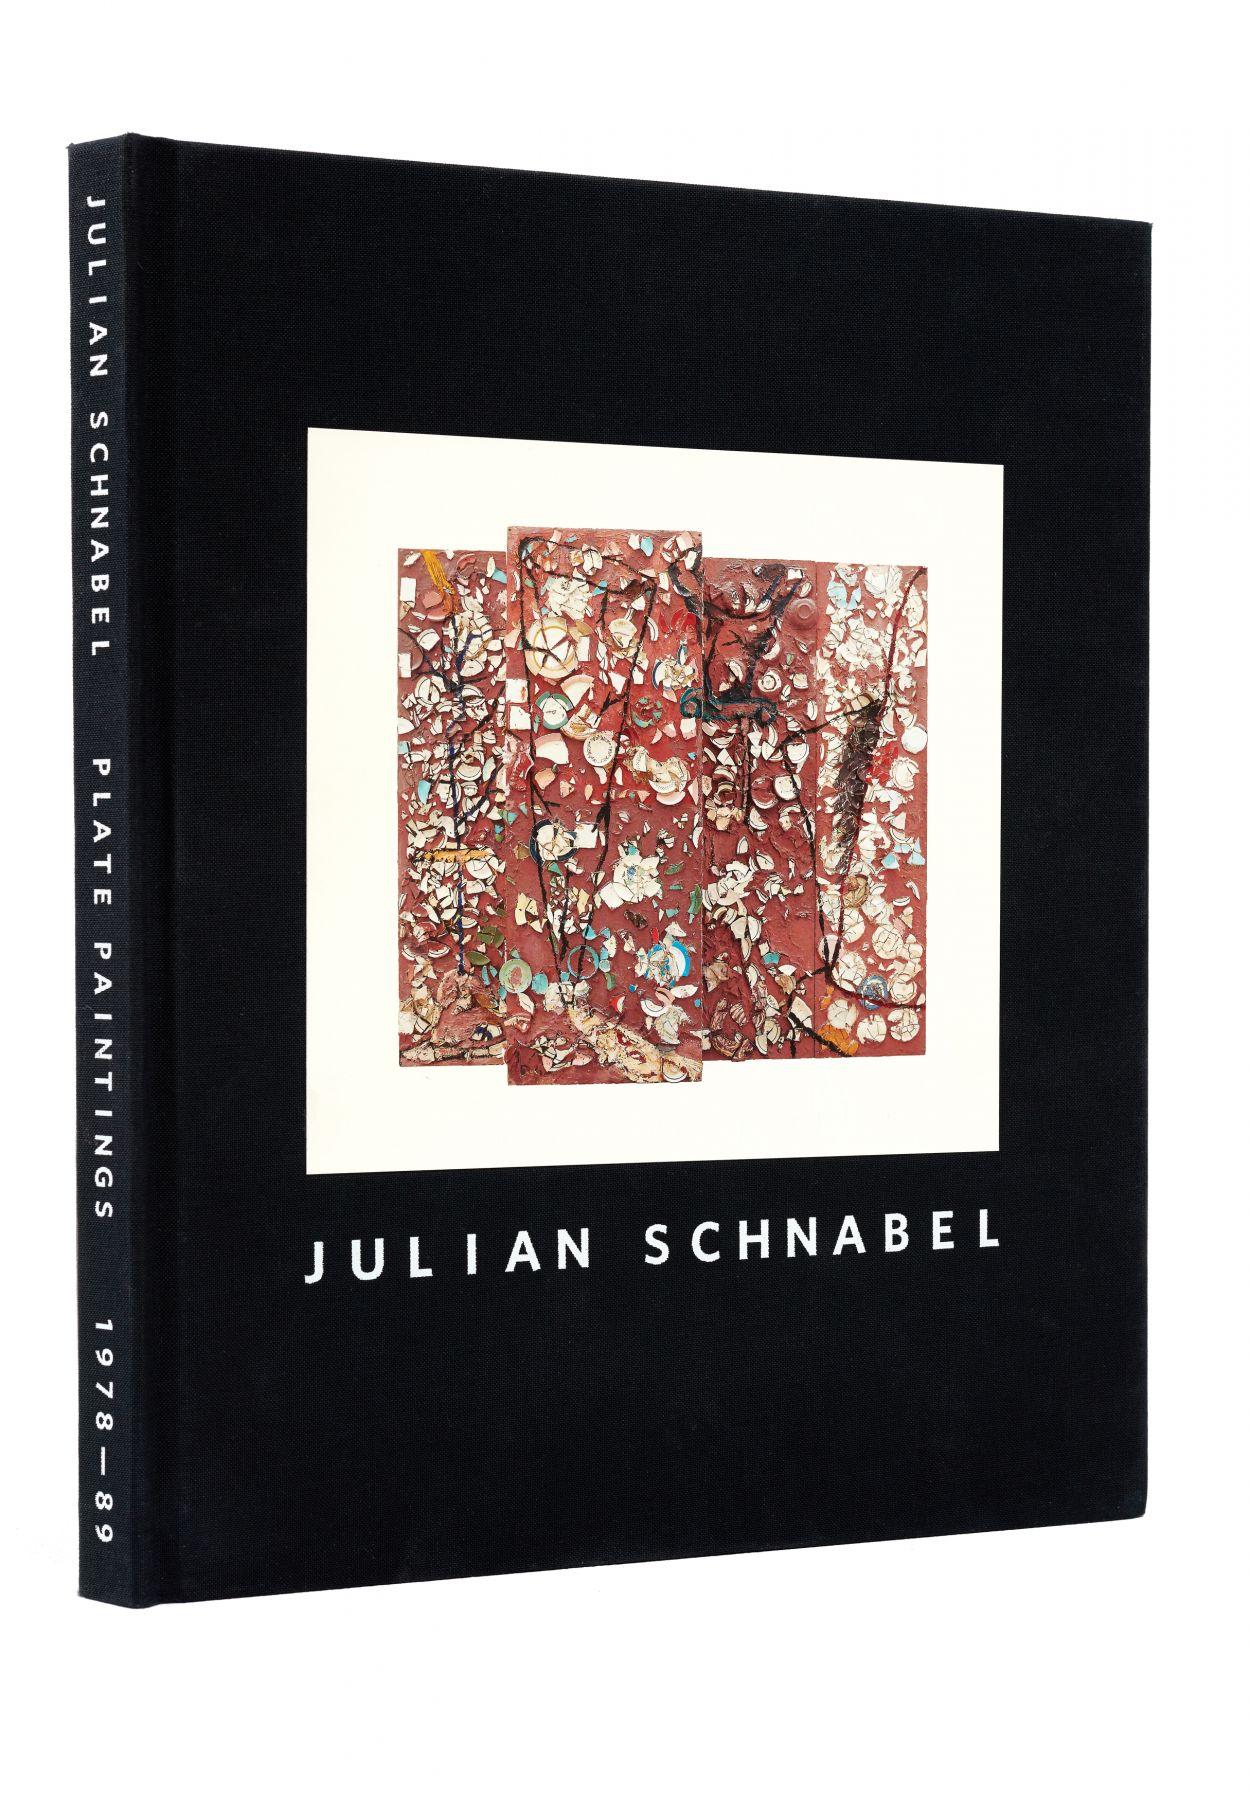 Julian Schnabel